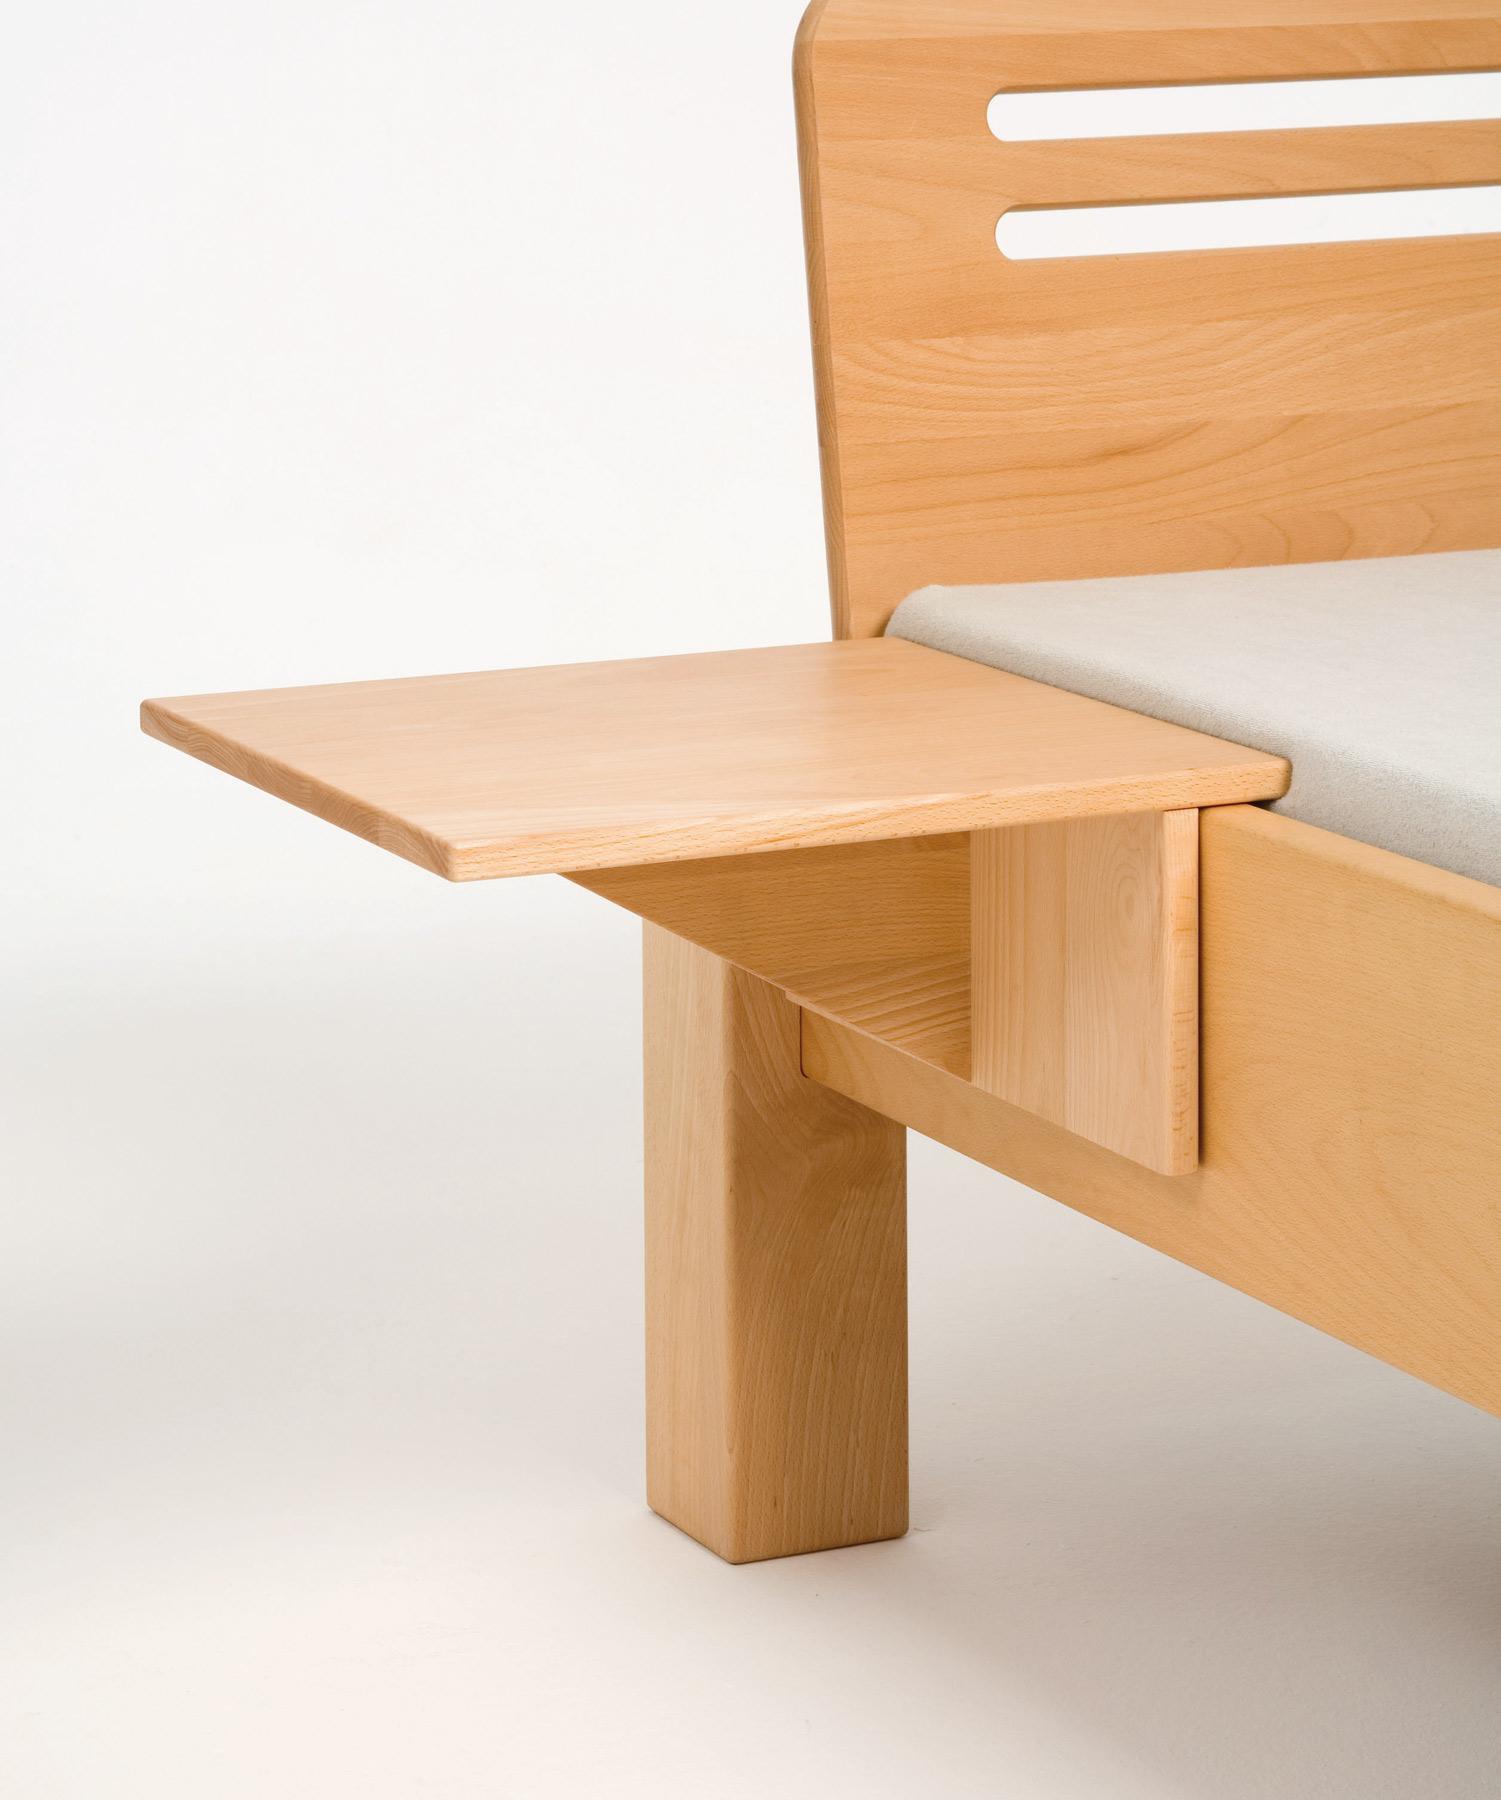 nachttisch zum anstecken adriano aus naturholz metallfrei gebaut purenature. Black Bedroom Furniture Sets. Home Design Ideas